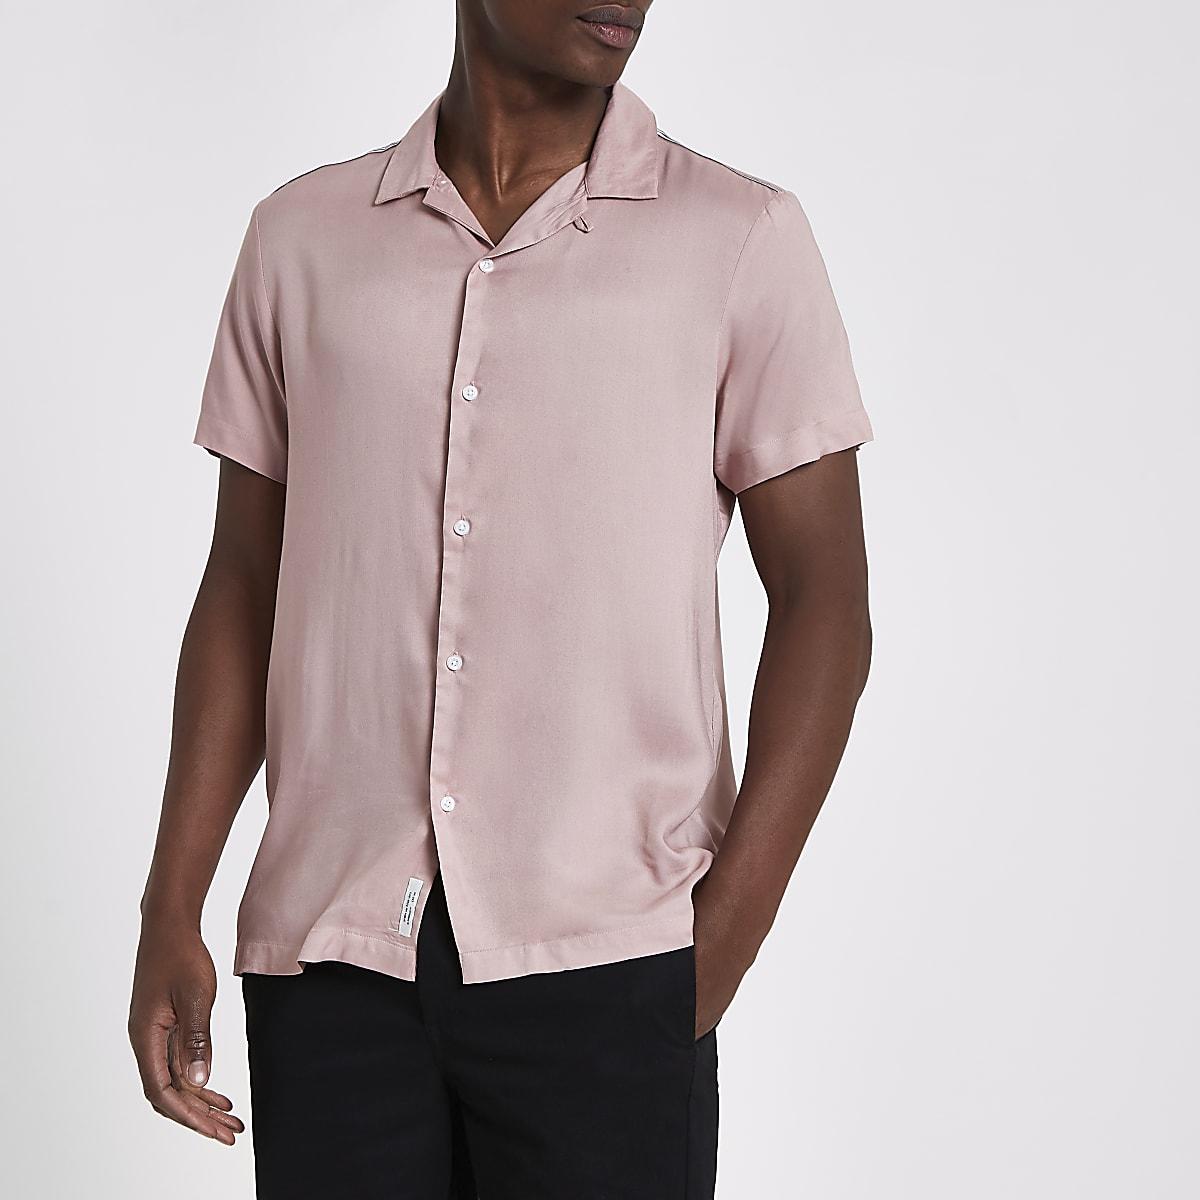 Roze Overhemd.Roze Overhemd Met Bies En Korte Mouwen Overhemden Met Korte Mouwen